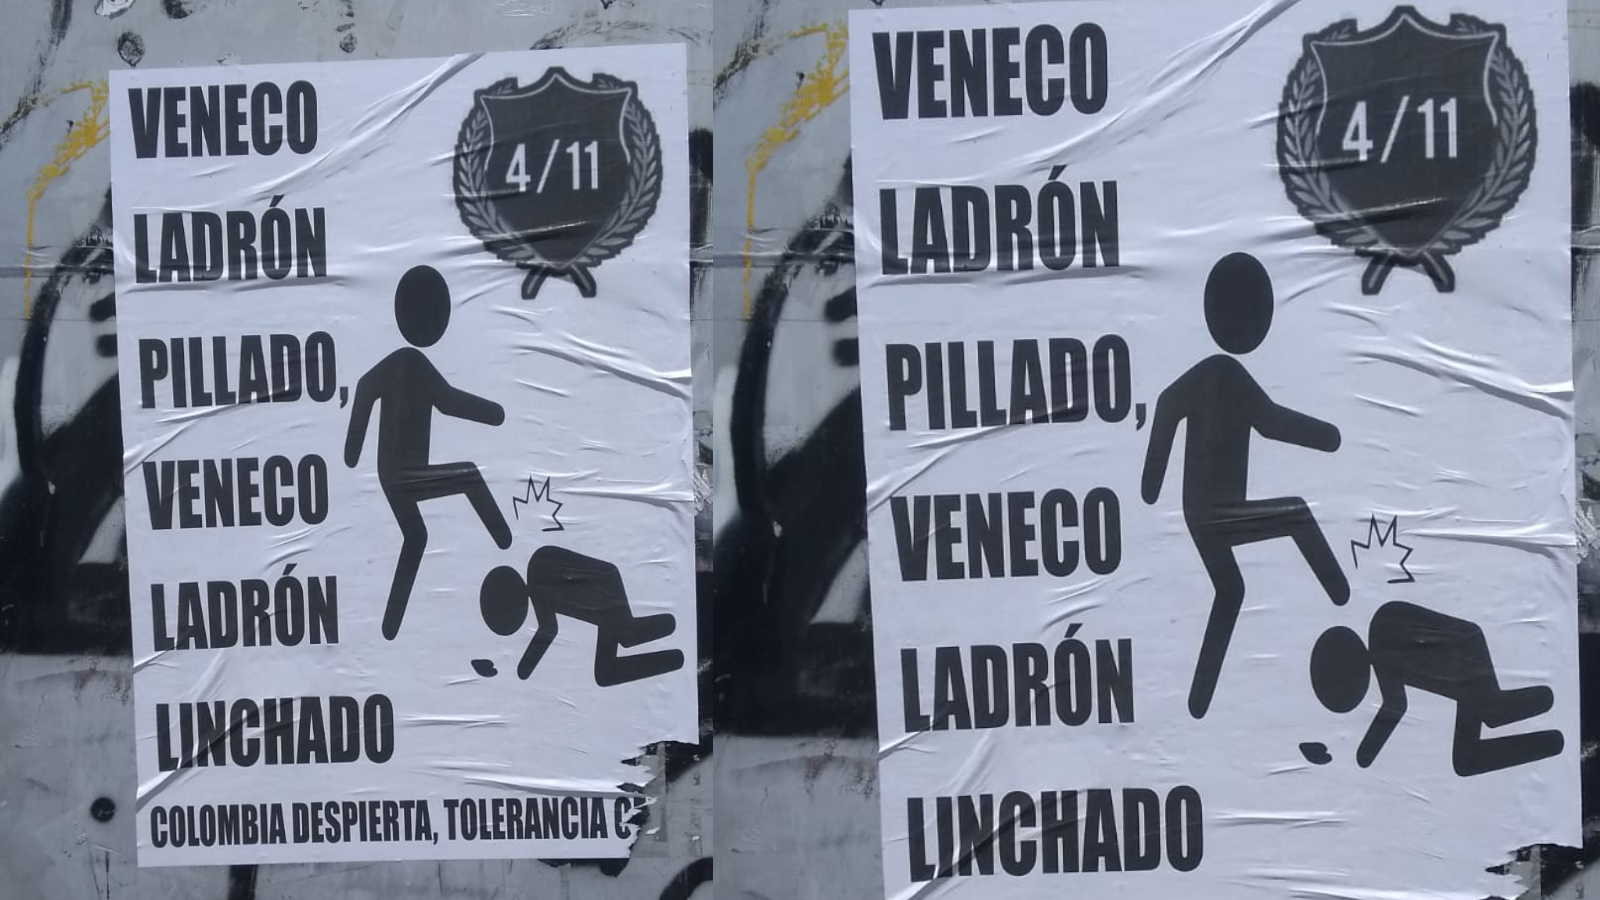 Vuelven a aparecer carteles con mensajes xenófobos en Bogotá